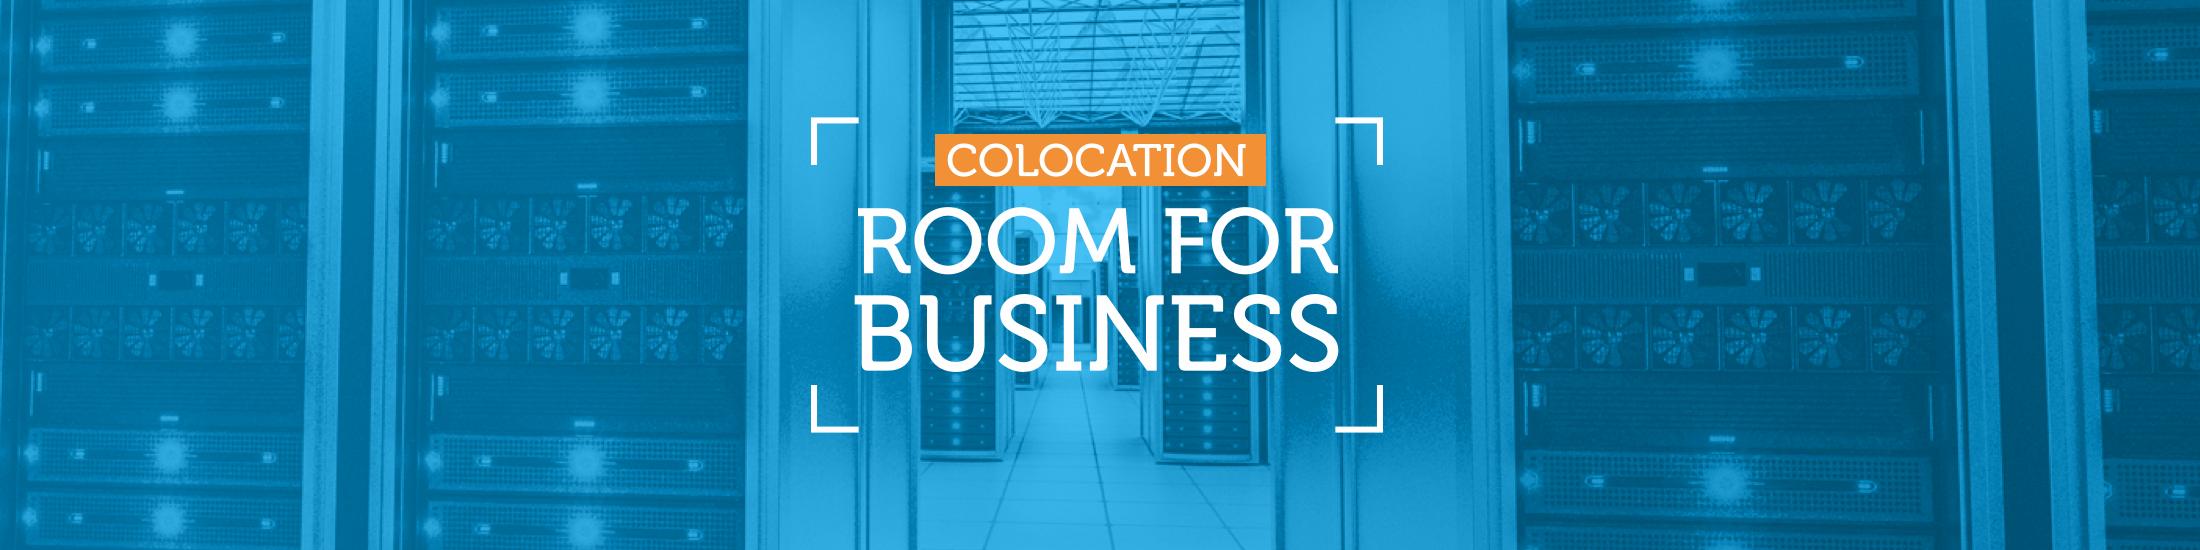 Room for Business - mobilebanner